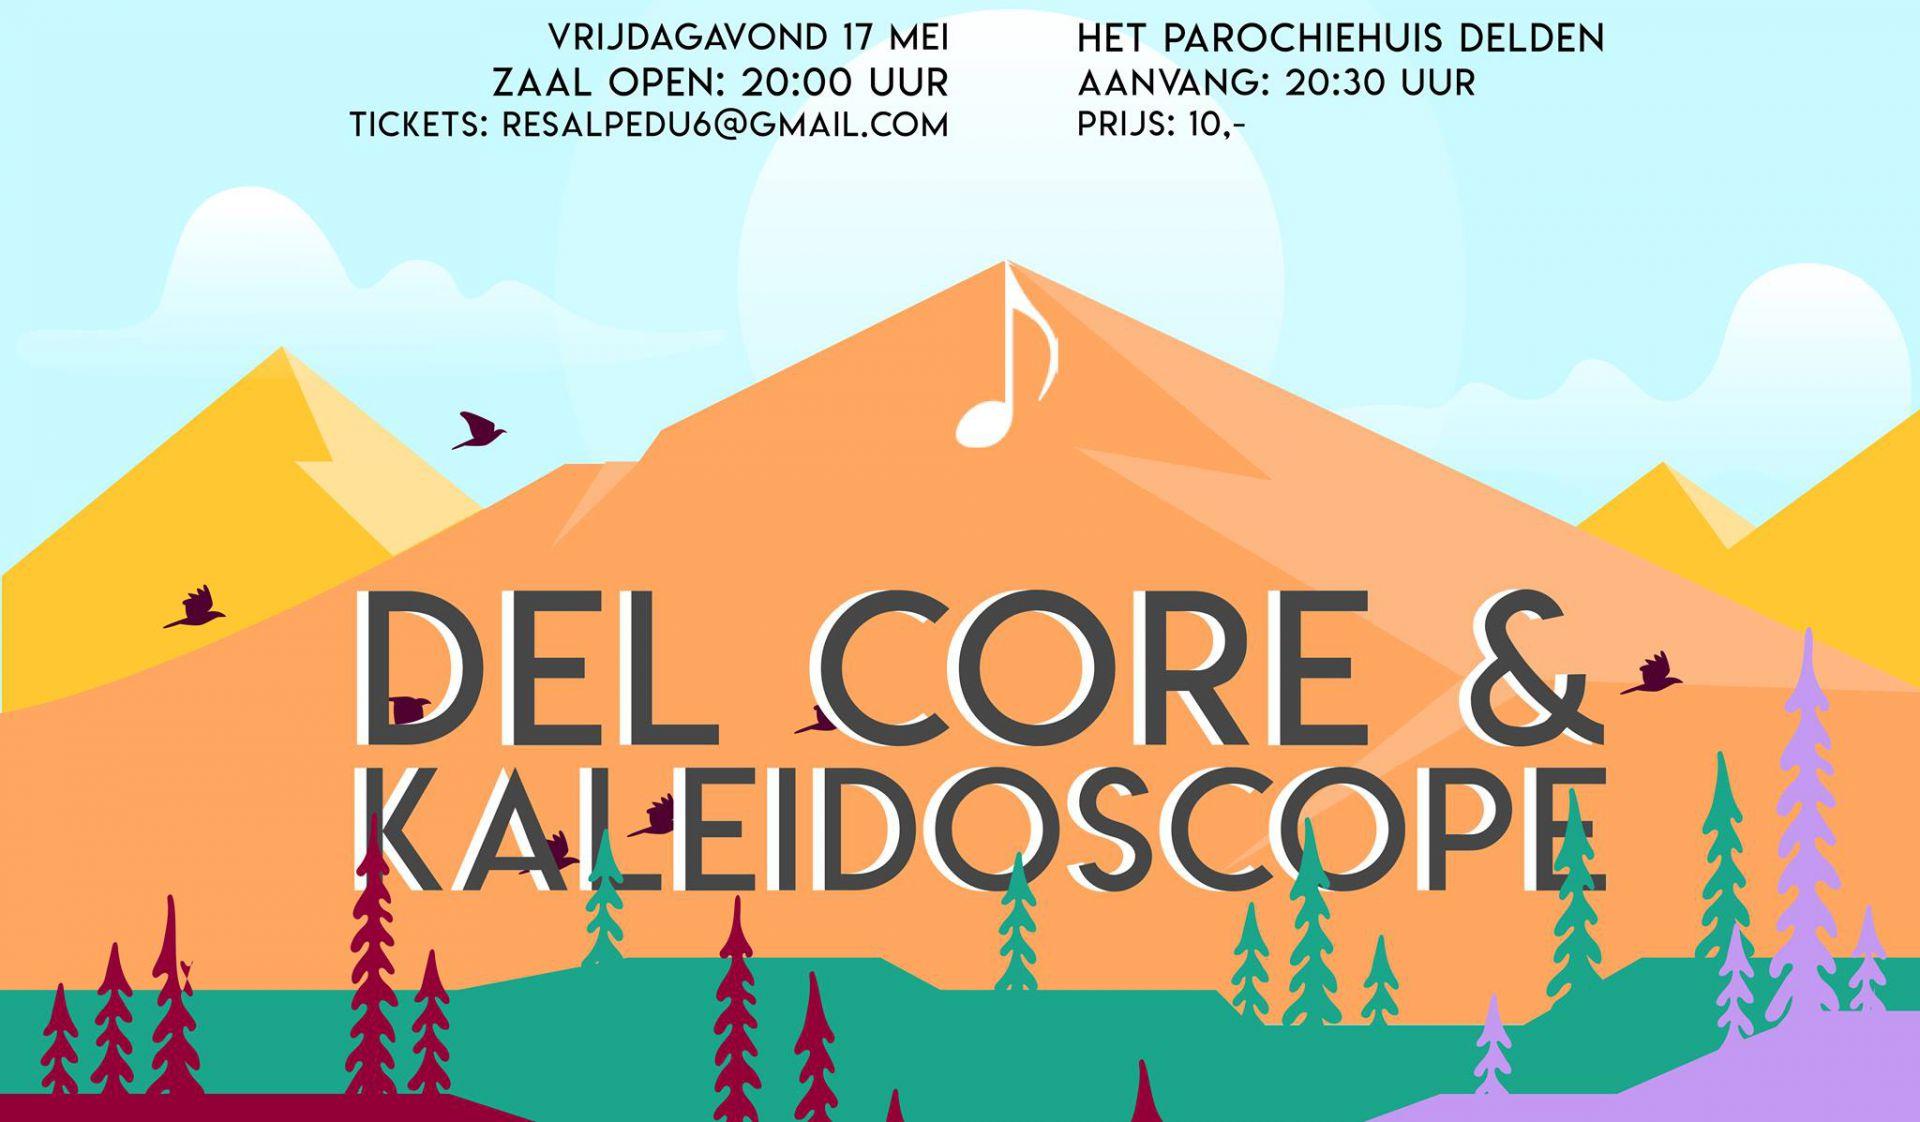 Benefietconcert Popkoor Del Core & Vocal Group Kaleidoscope in Delden